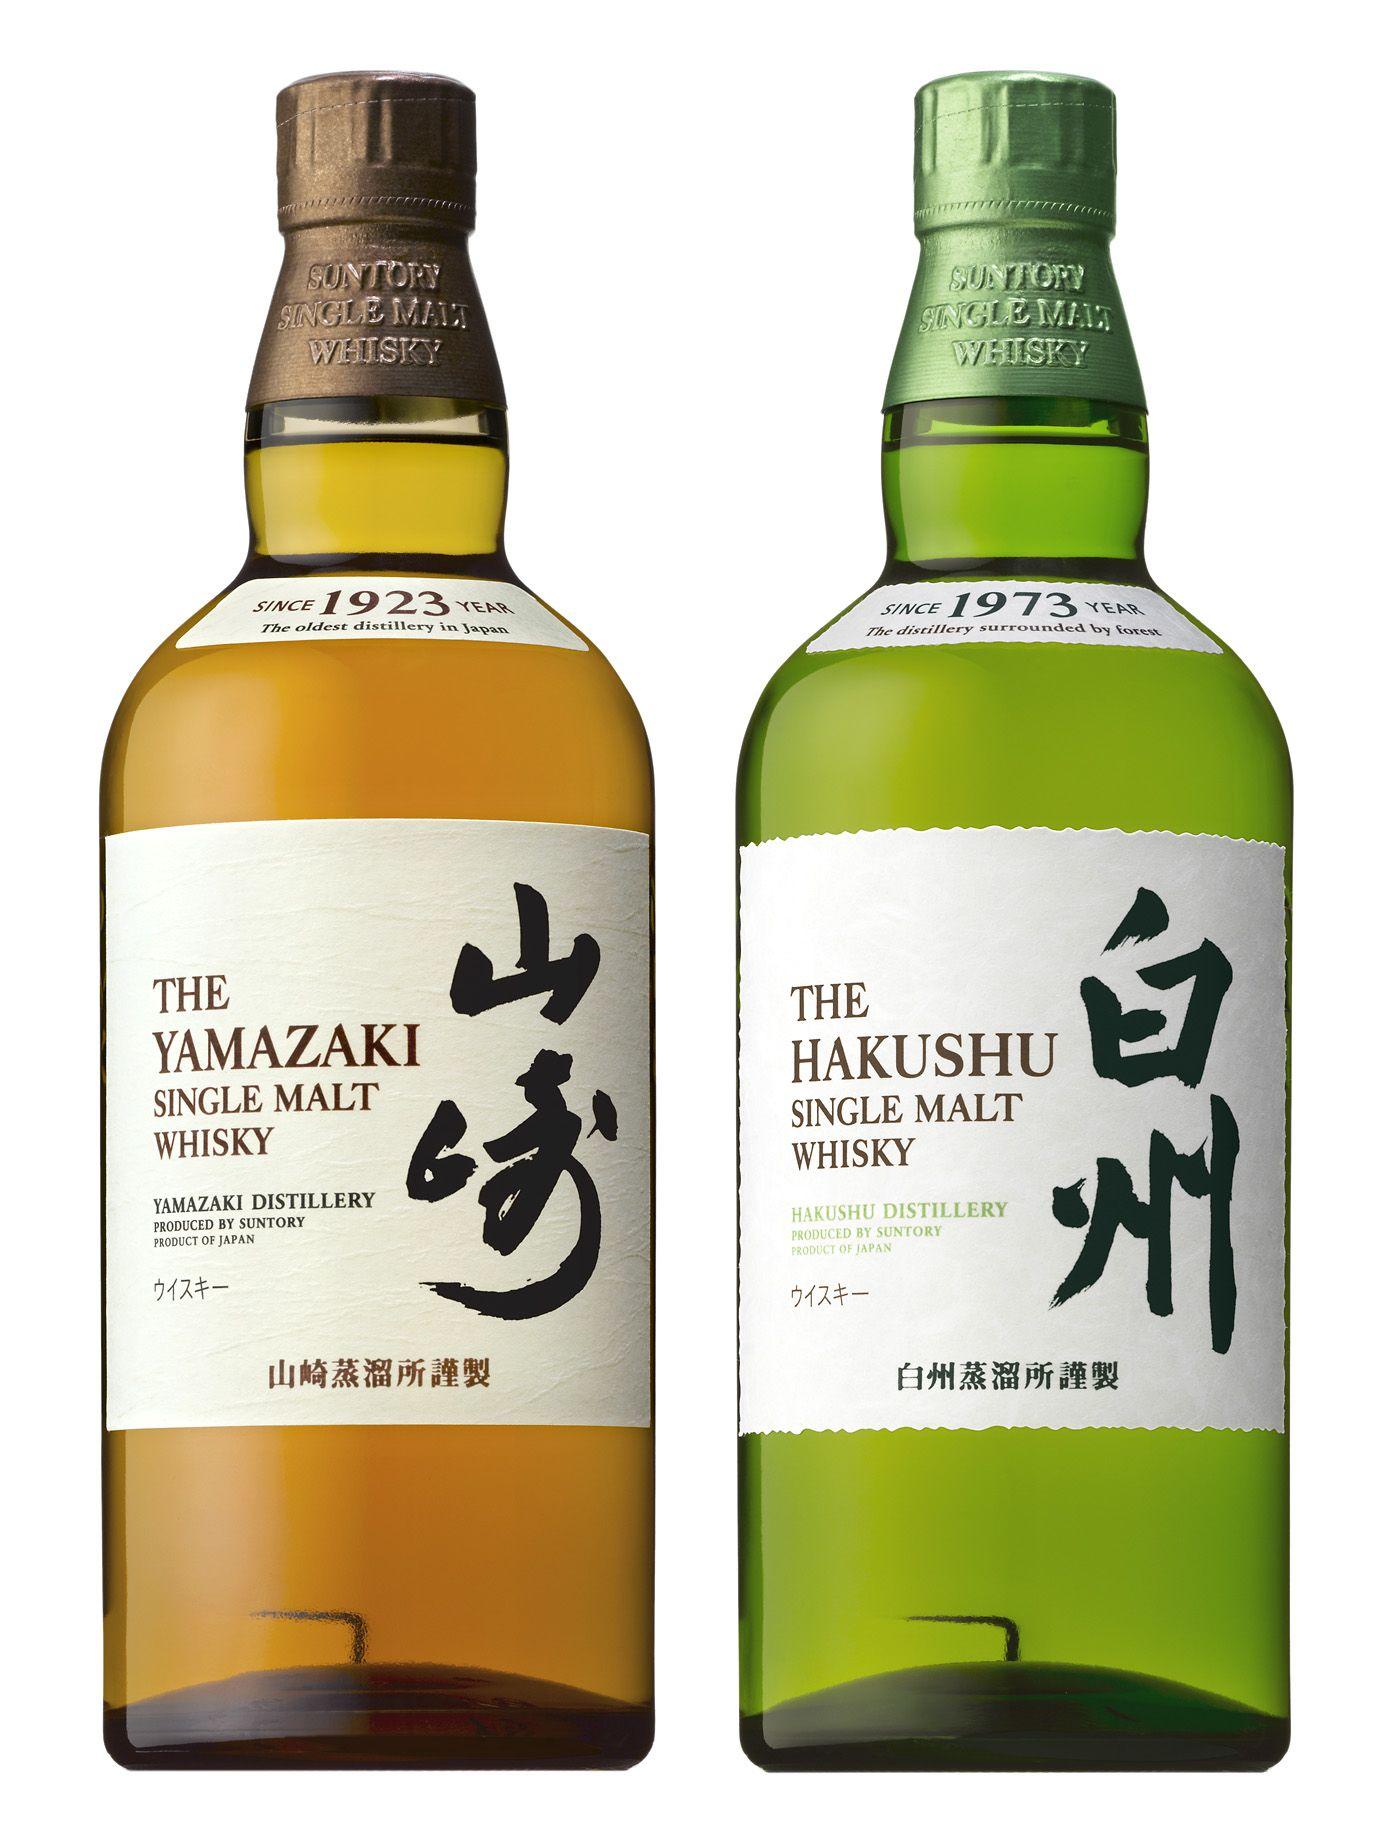 Yamazaki & Hakushu Single Malt Whisky NAS (2012 release)